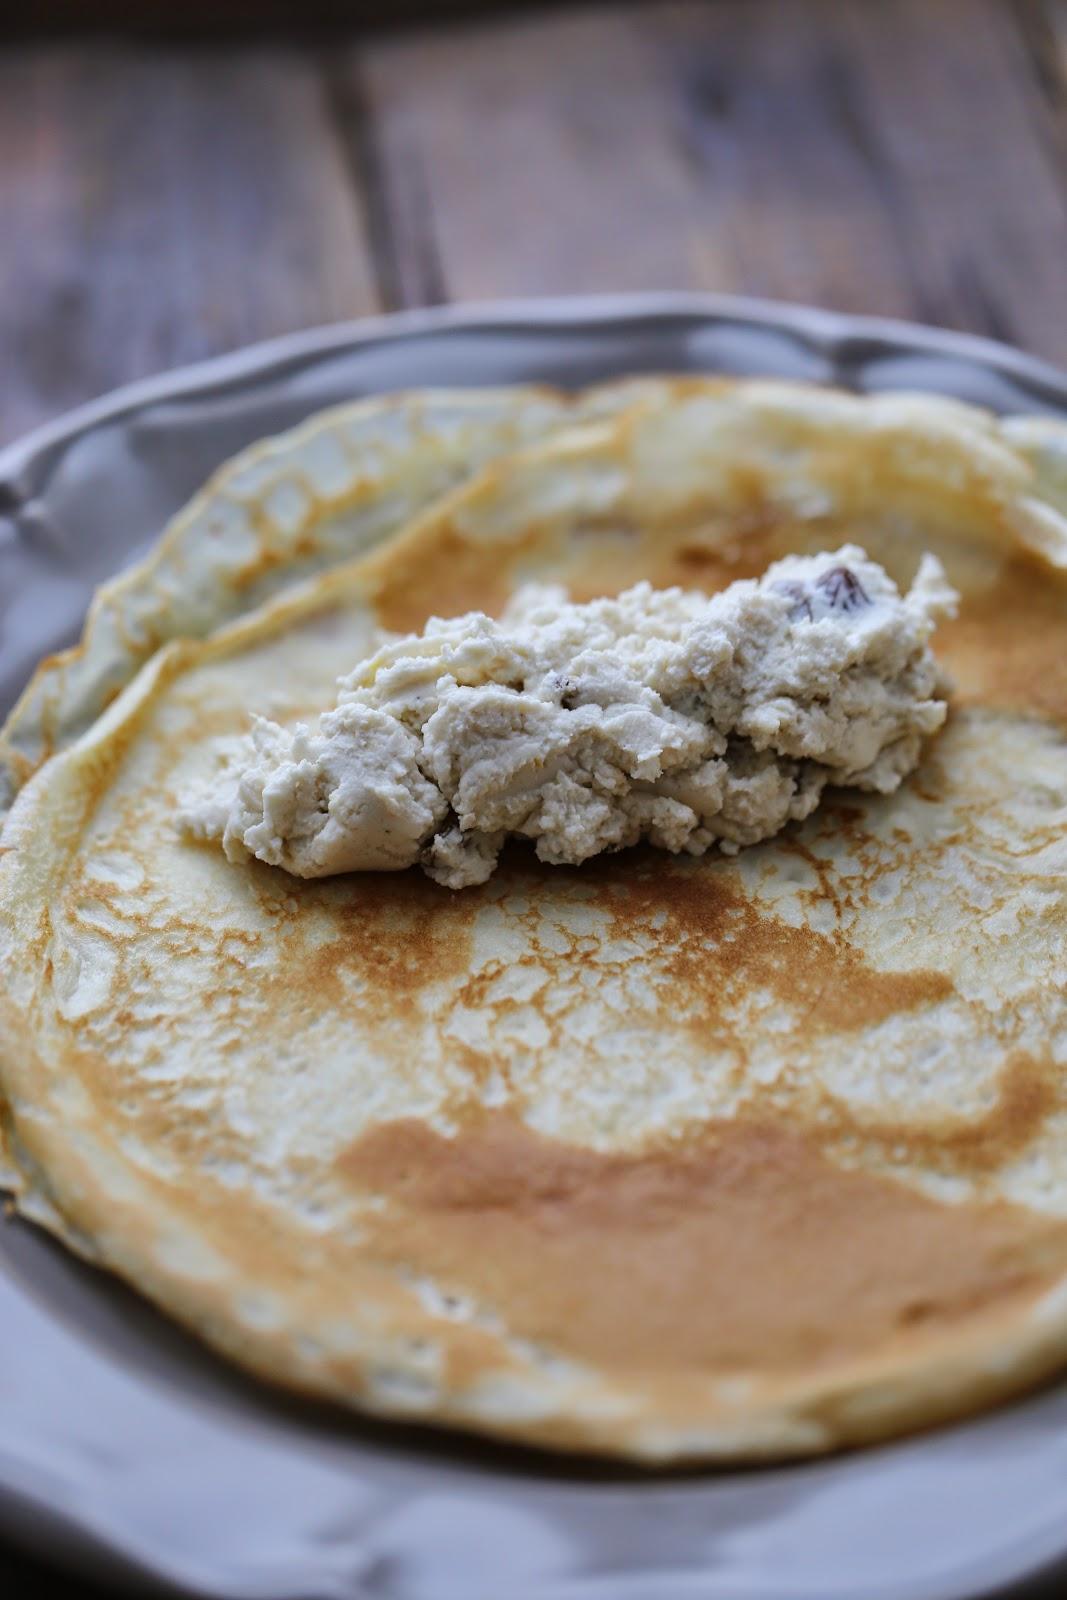 Blinchiki ; recette russe des crêpes au fromage blanc et aux raisins 2